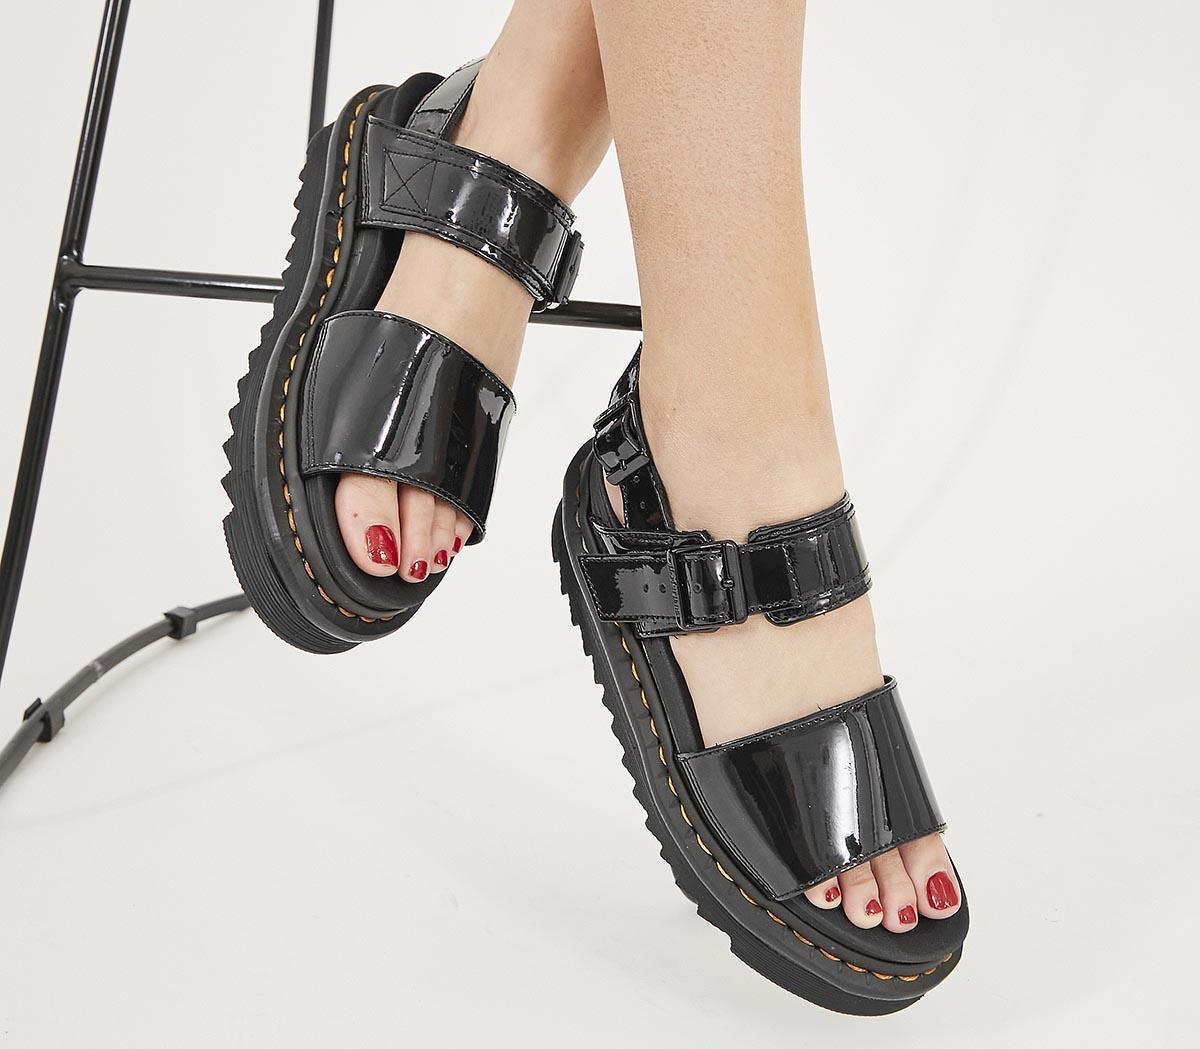 Dr. Martens Voss Sandals Black Patent